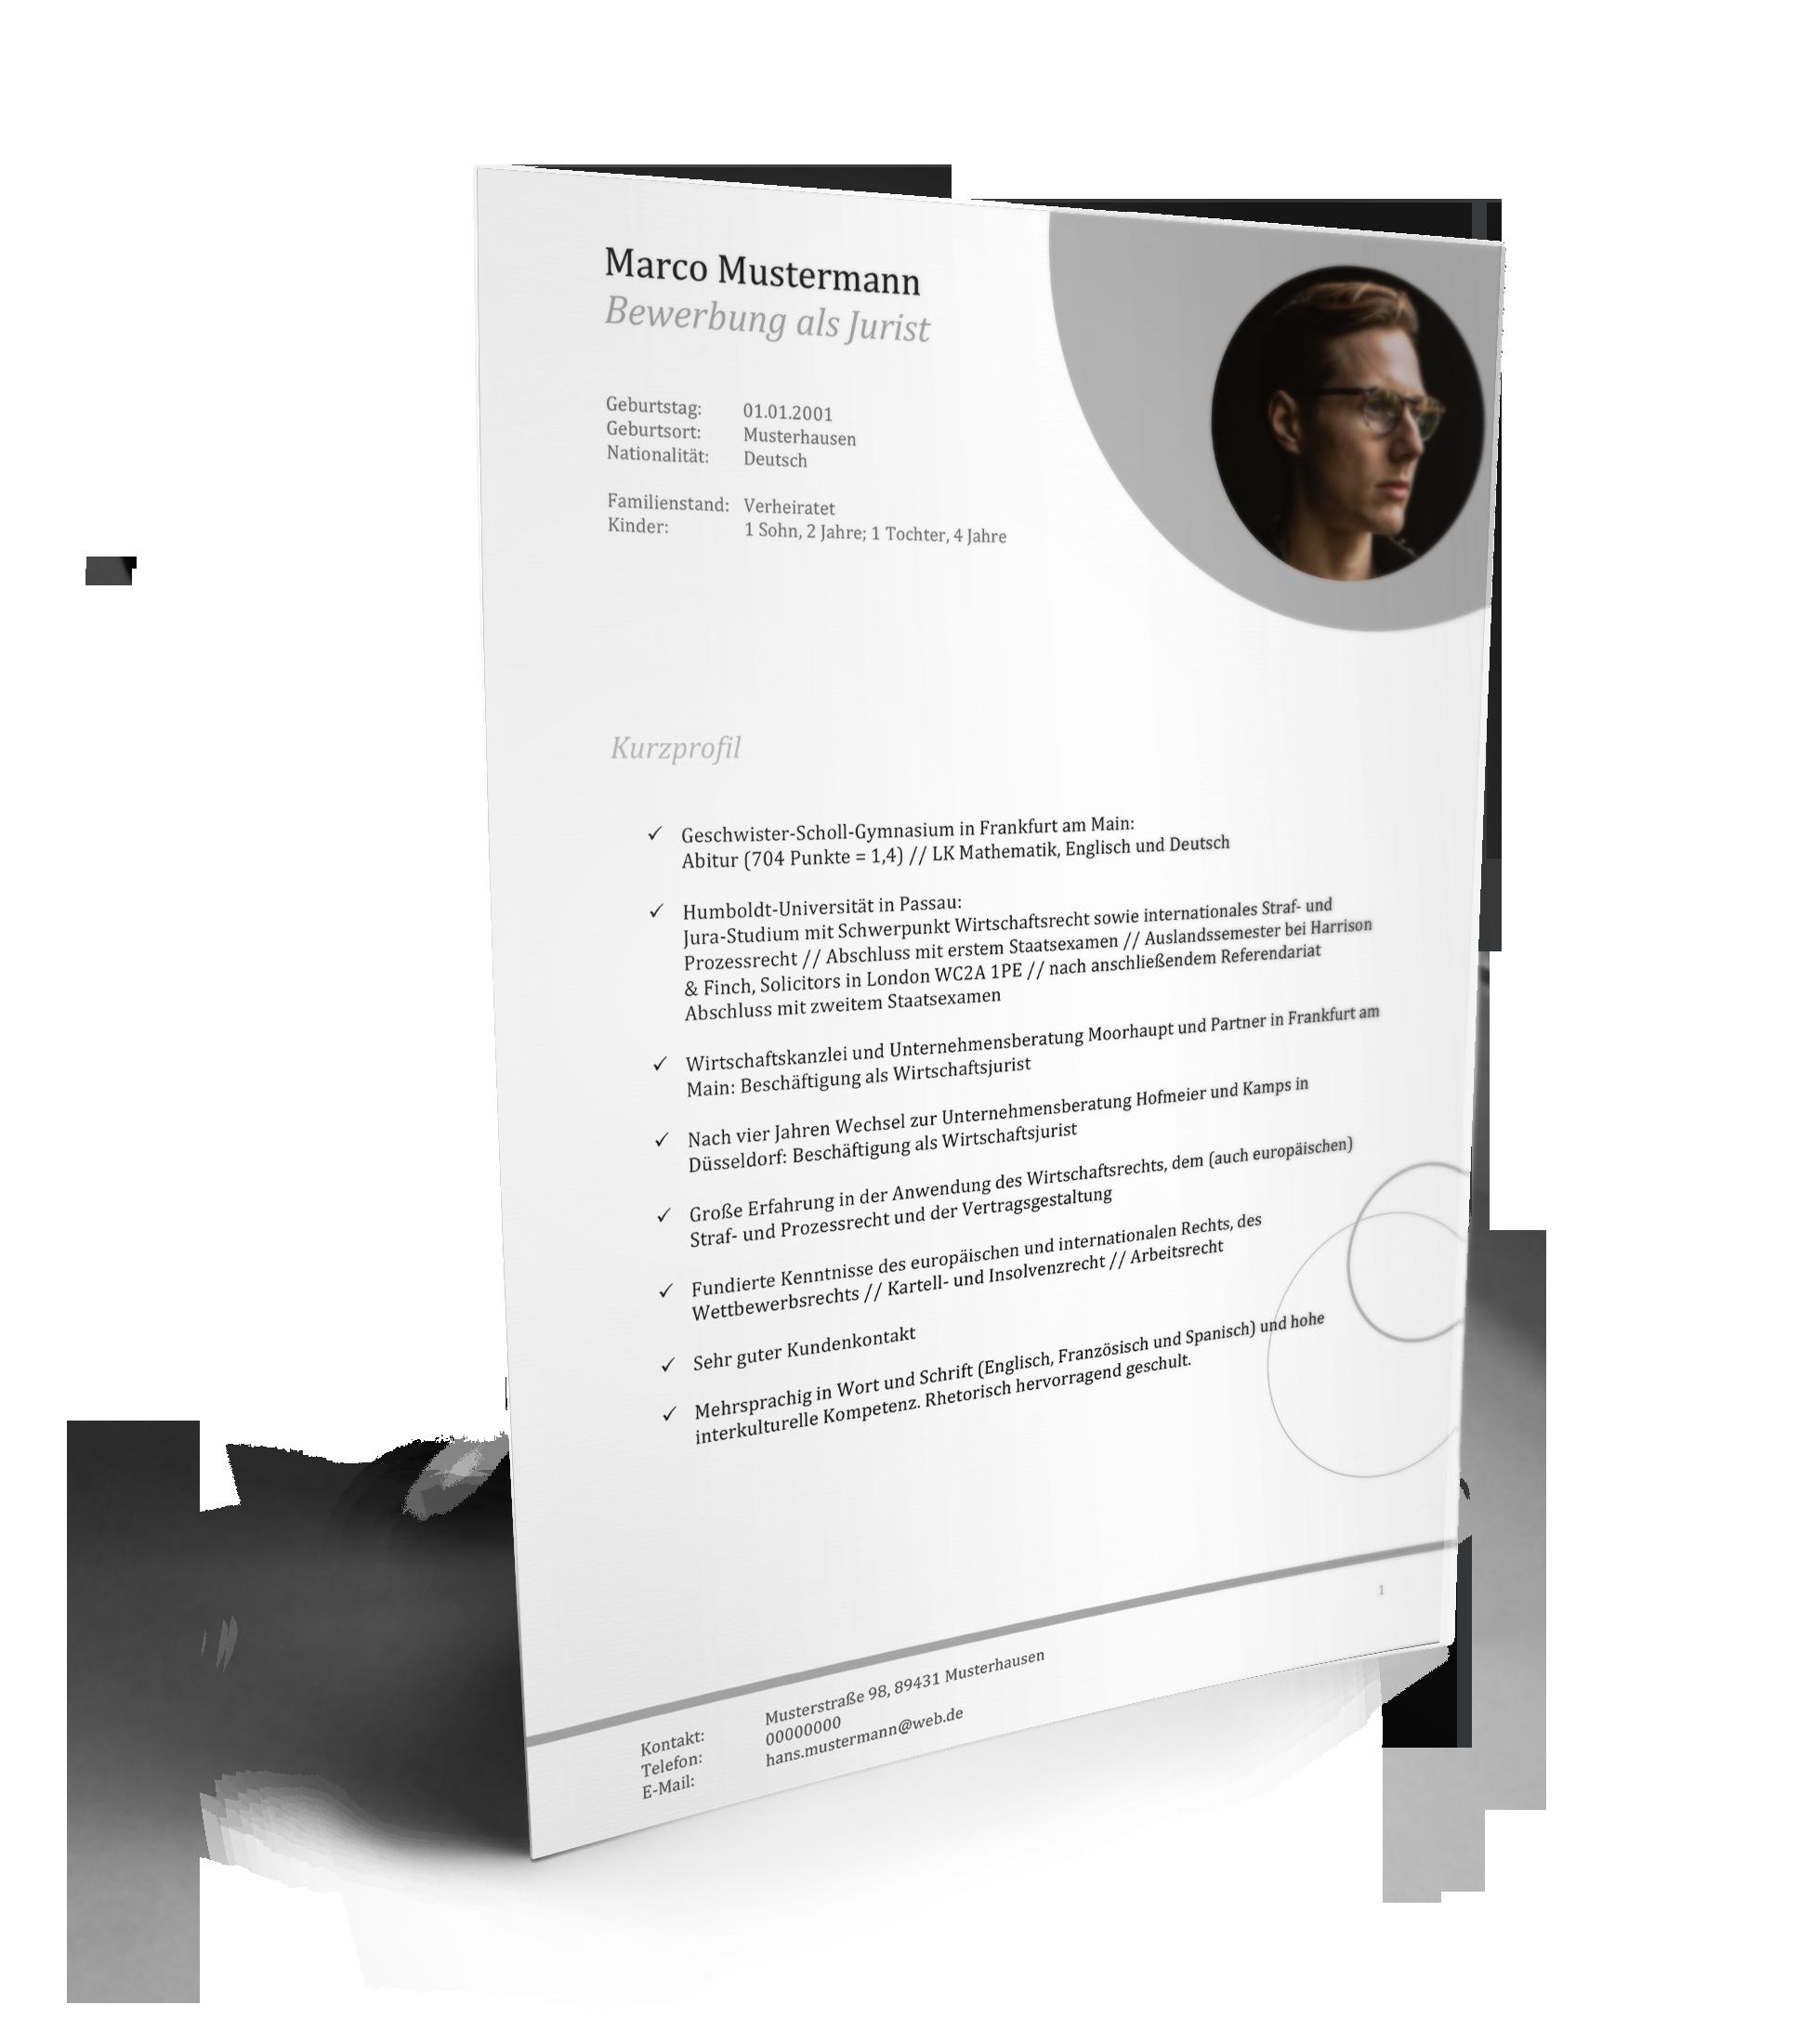 lebenslauf jurist - Lebenslauf Referendariat